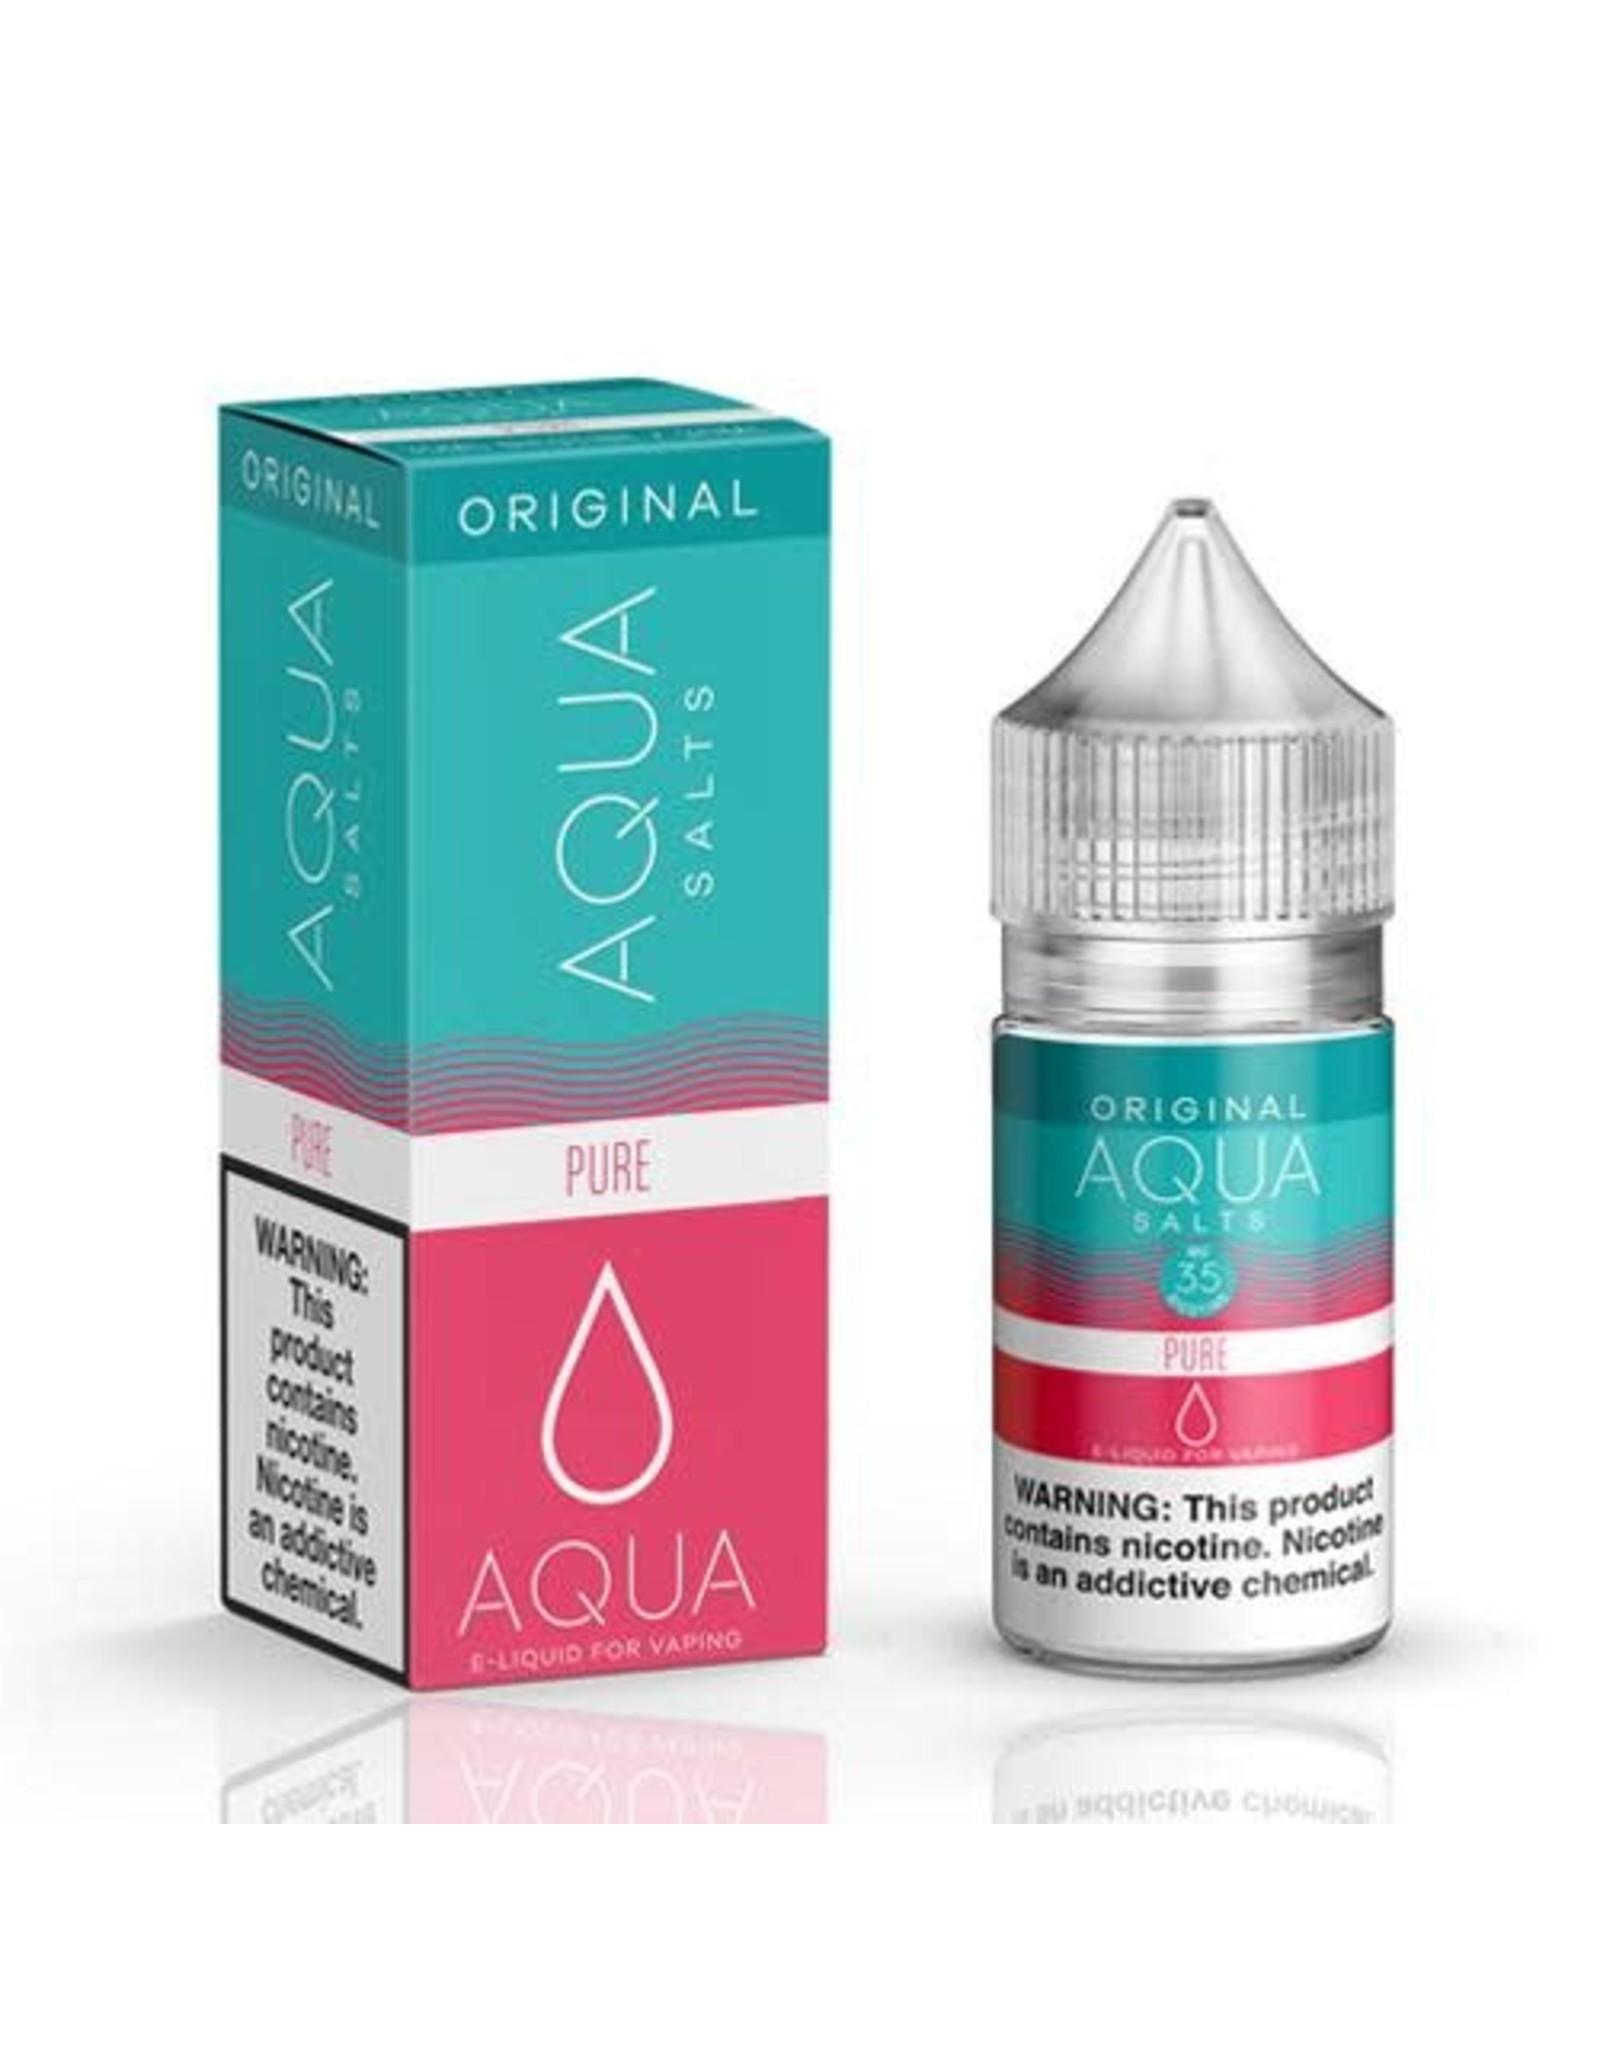 Aqua Aqua eJuice